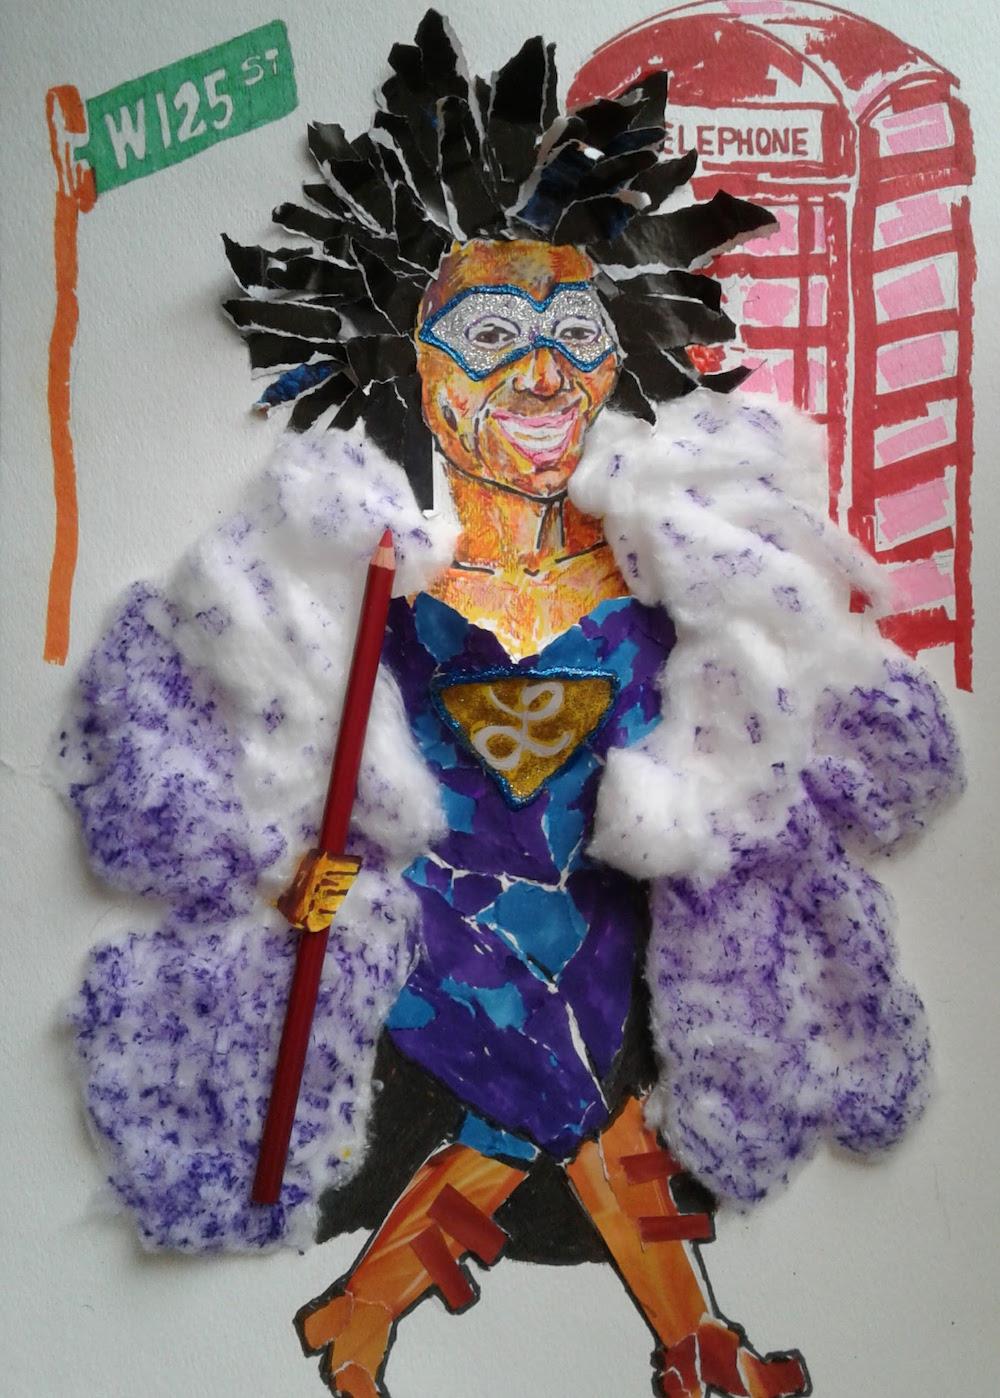 Self portrait as superhero in Harlem